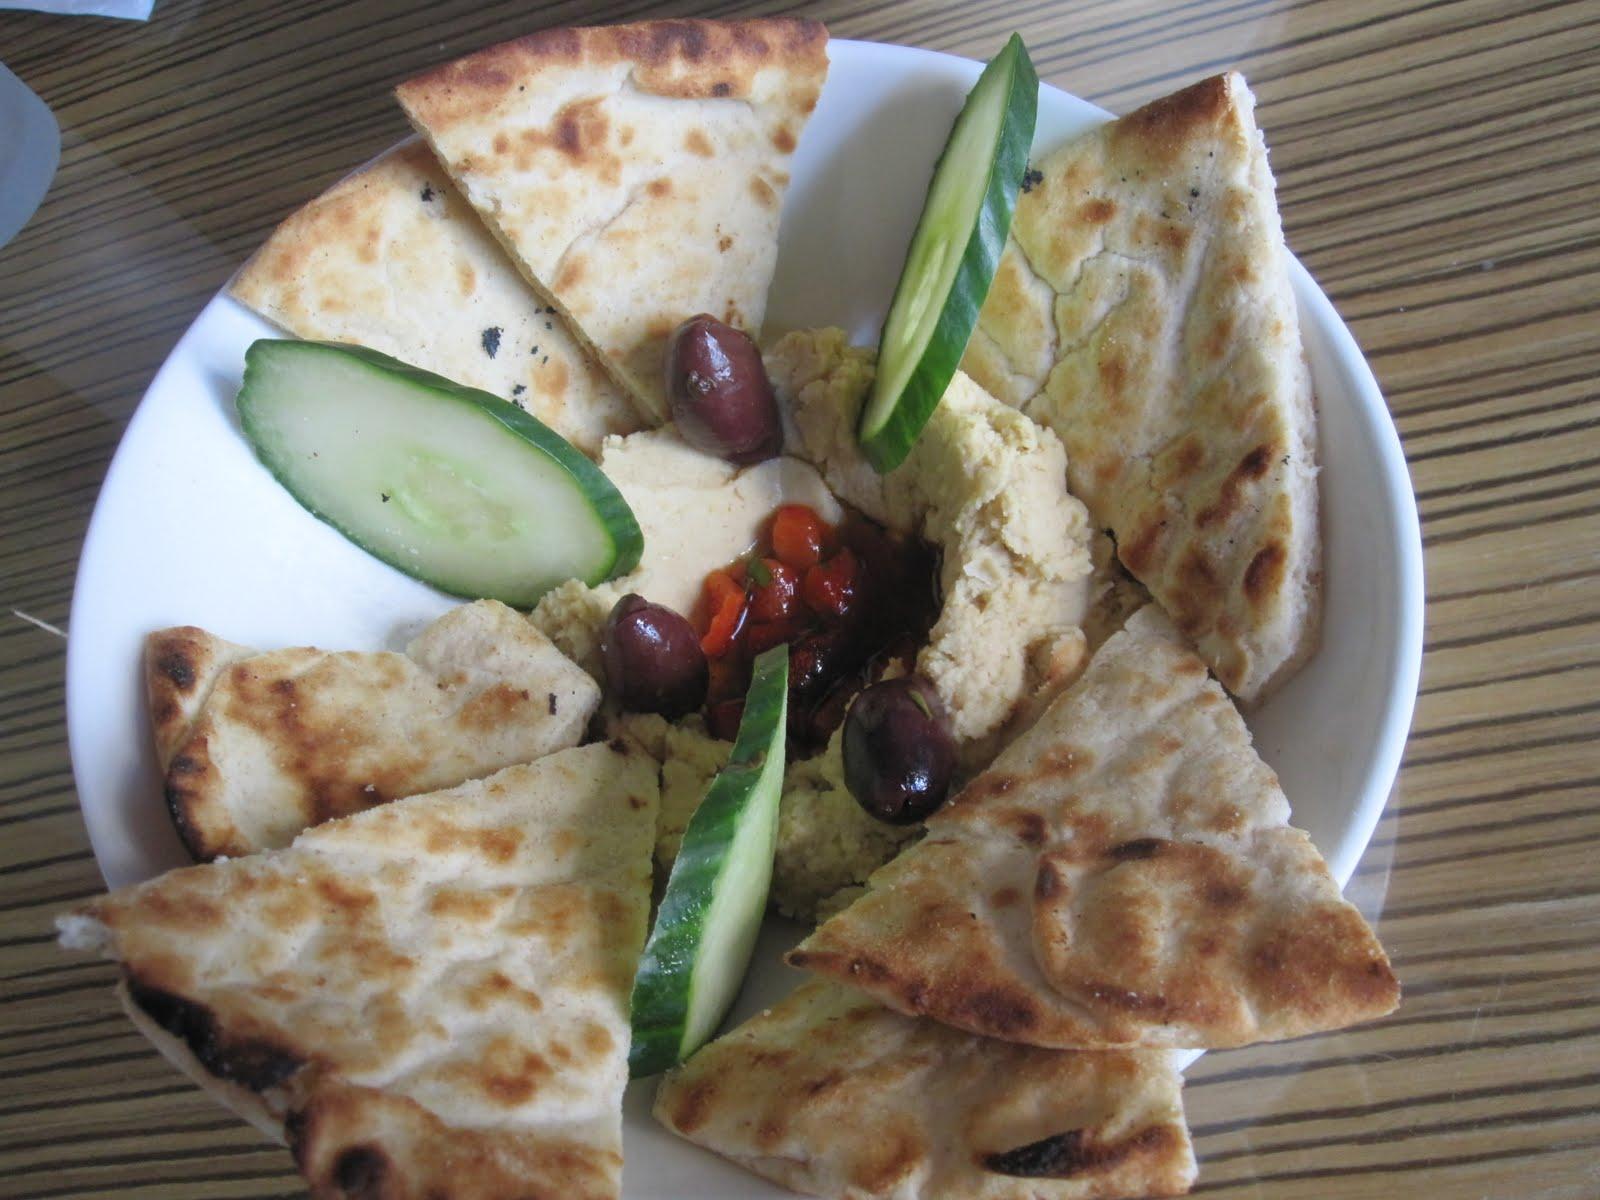 Pita & Hummus and Calamari (both part of $10 Sunsetter deal w/ booze)